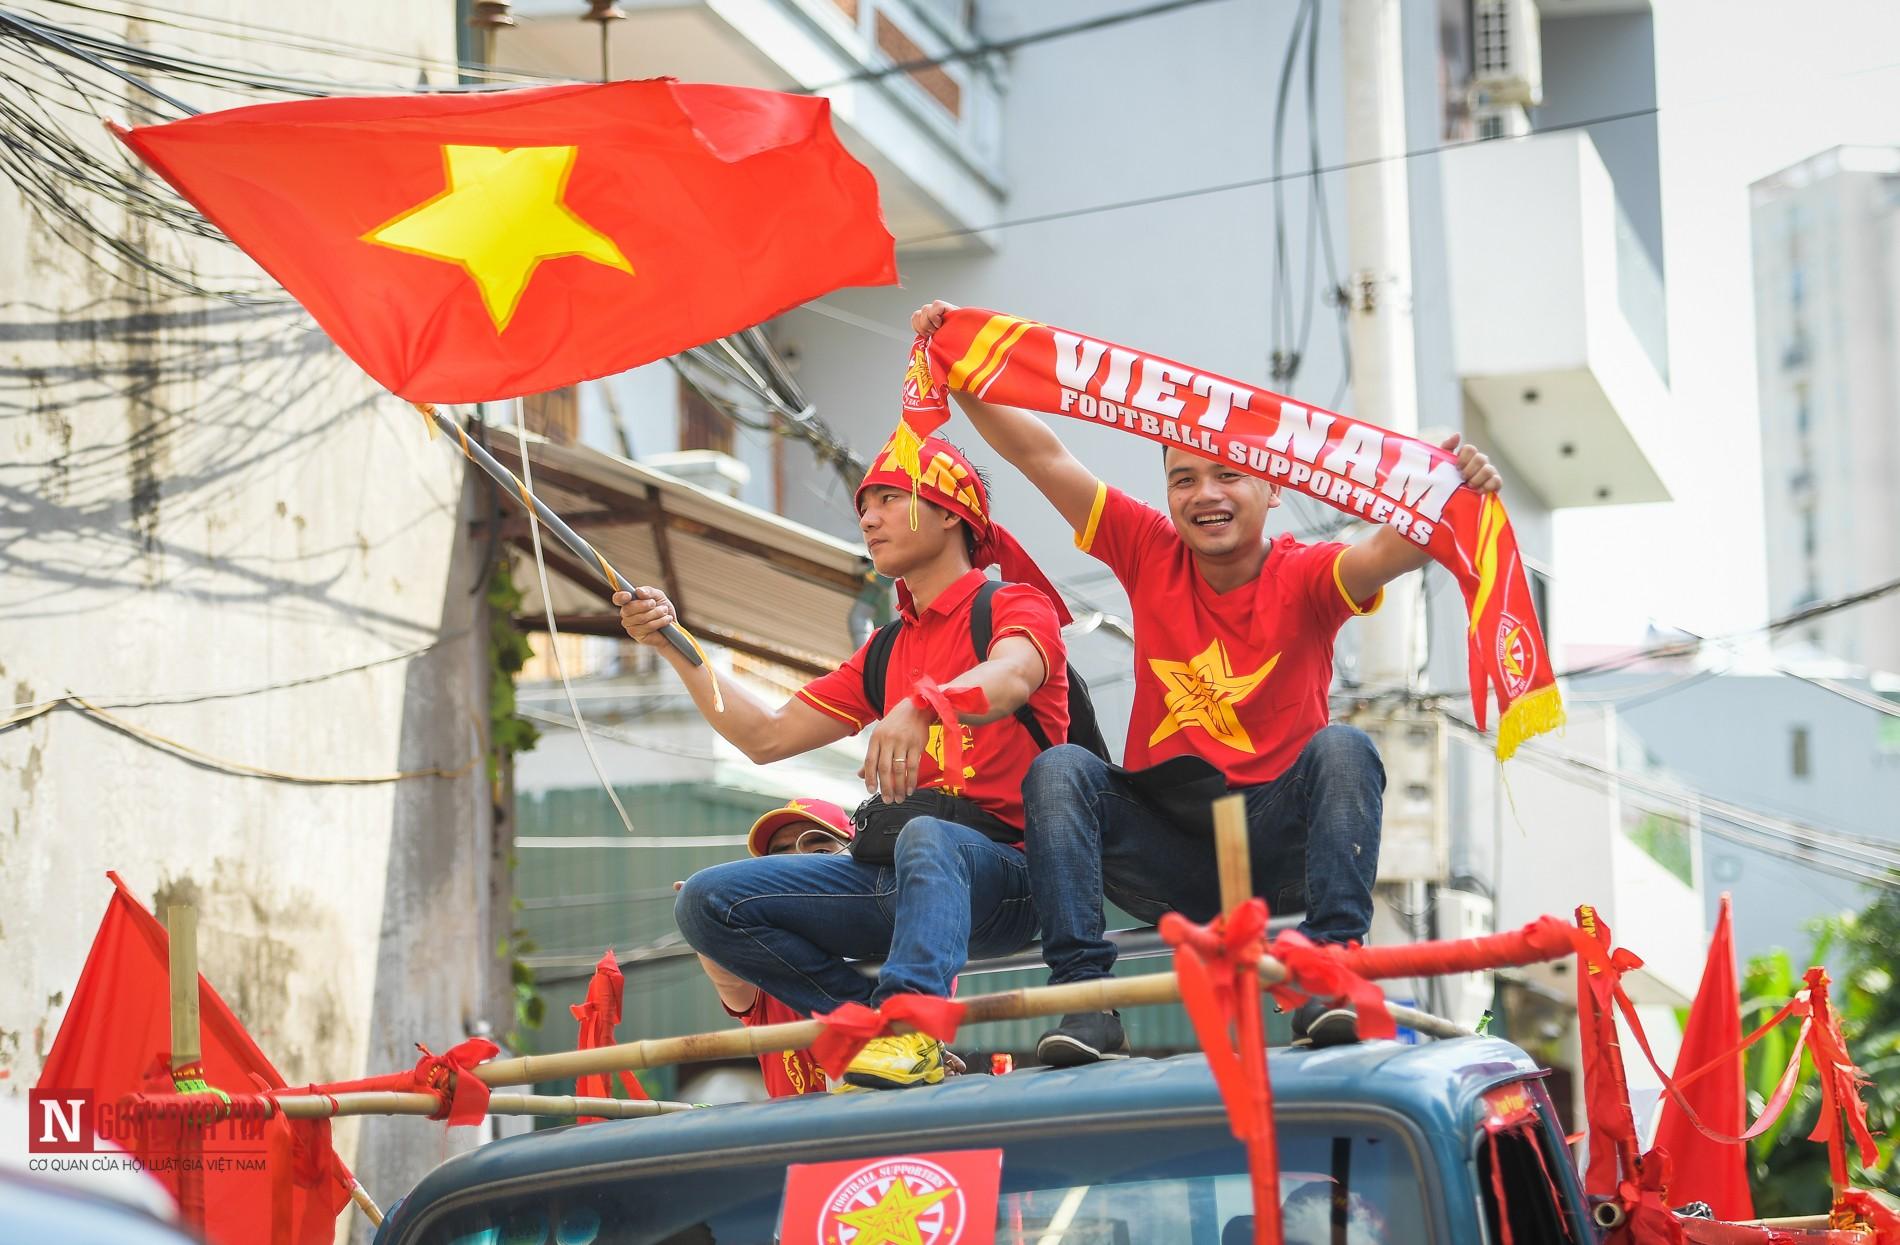 Nóng trước giờ G: Hàng ngàn CĐV diễu hành cổ vũ ĐTQG Việt Nam 4